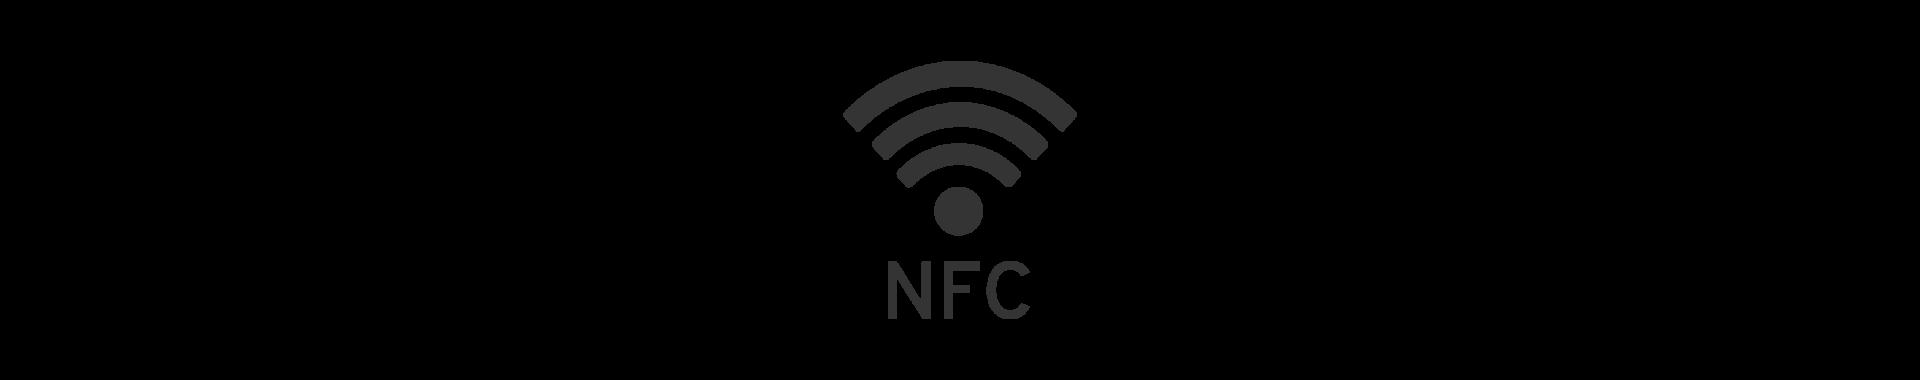 NFC-Wellensymbol mit NFC Zusatz